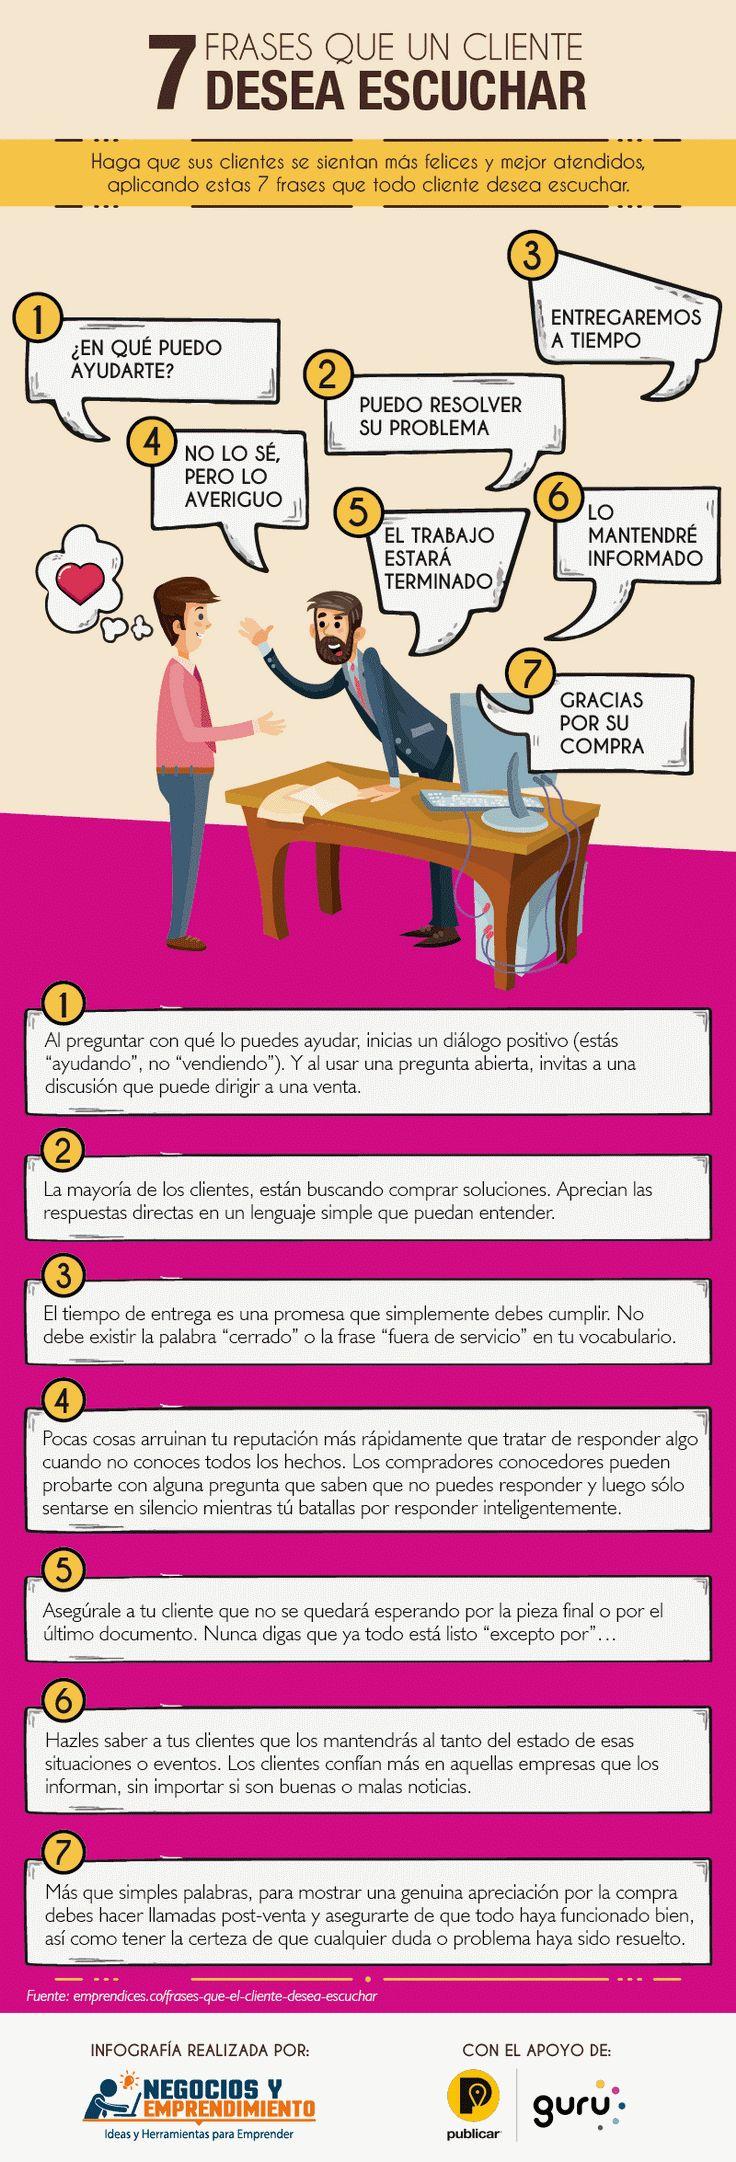 Aquí te dejo una infografía con 7 frases que los clientes desean escuchar. #Marketing #Infografia #Emprendedores